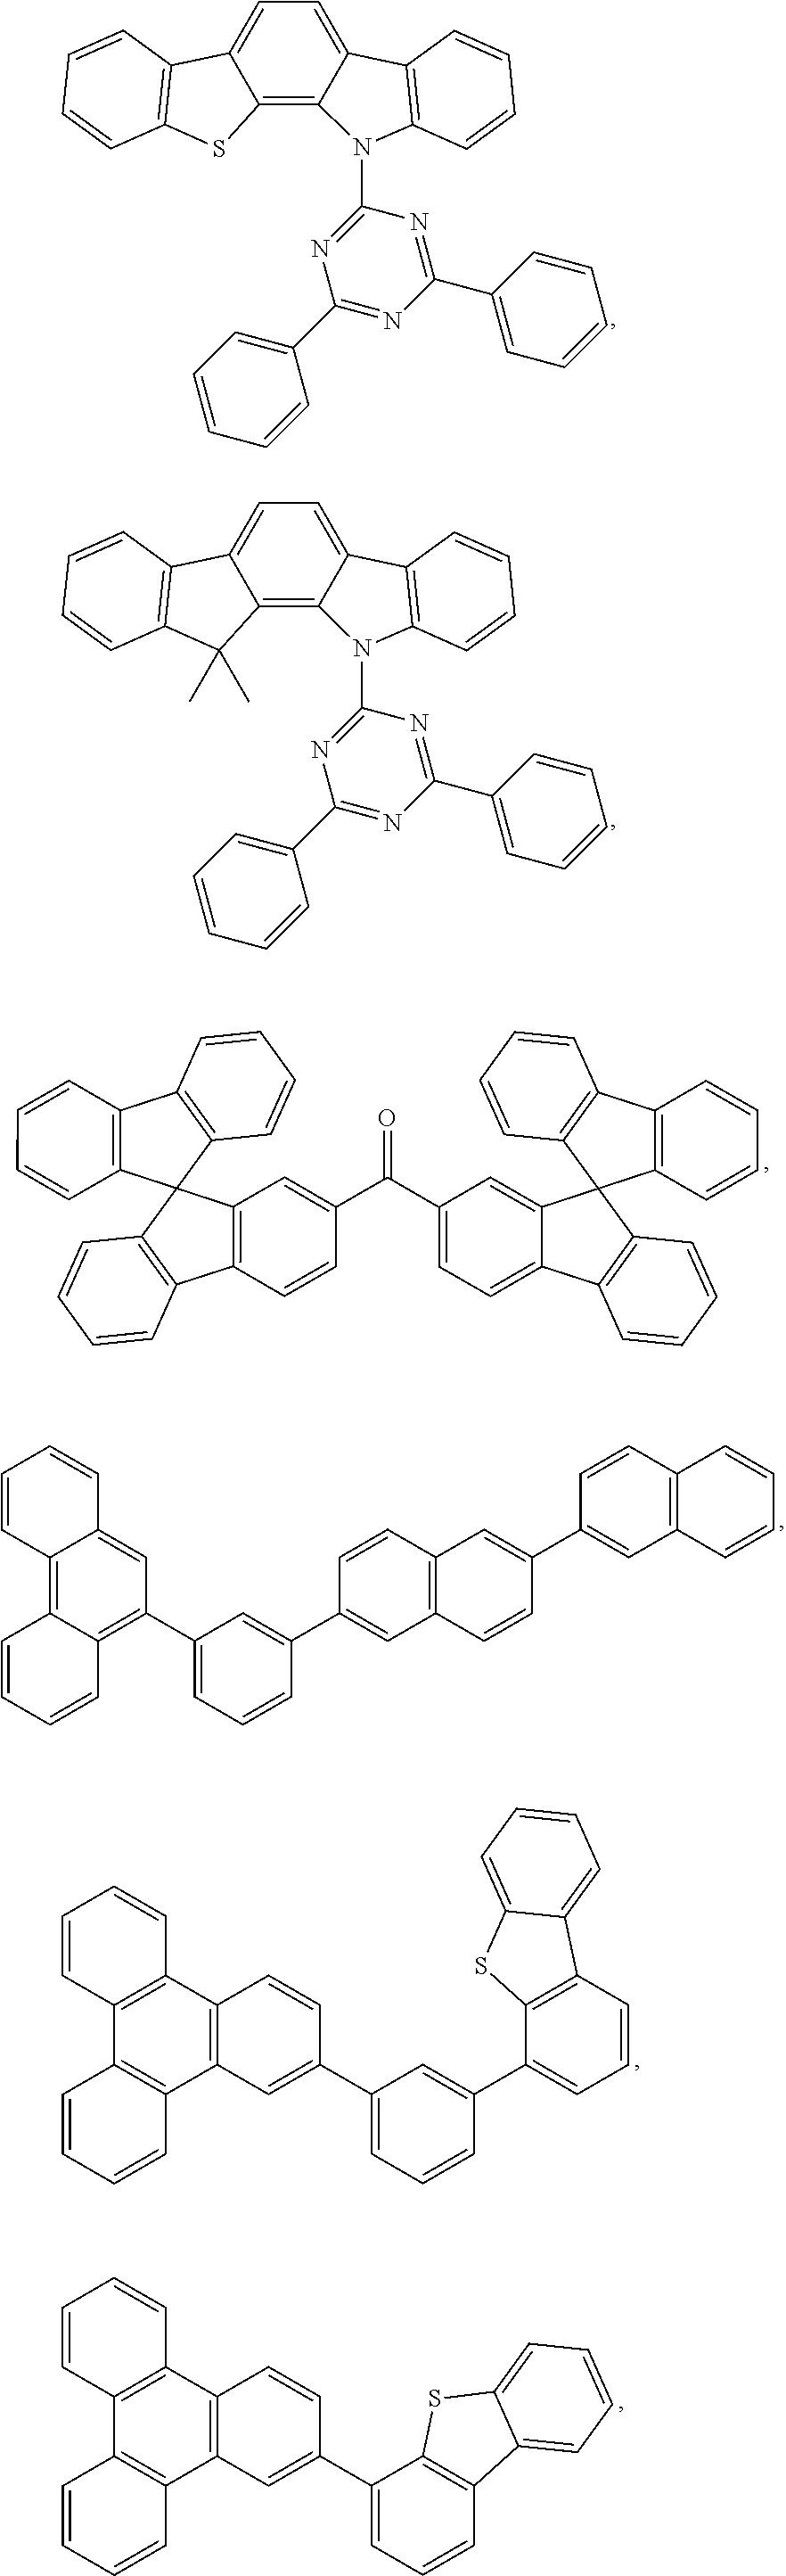 Figure US09725476-20170808-C00029